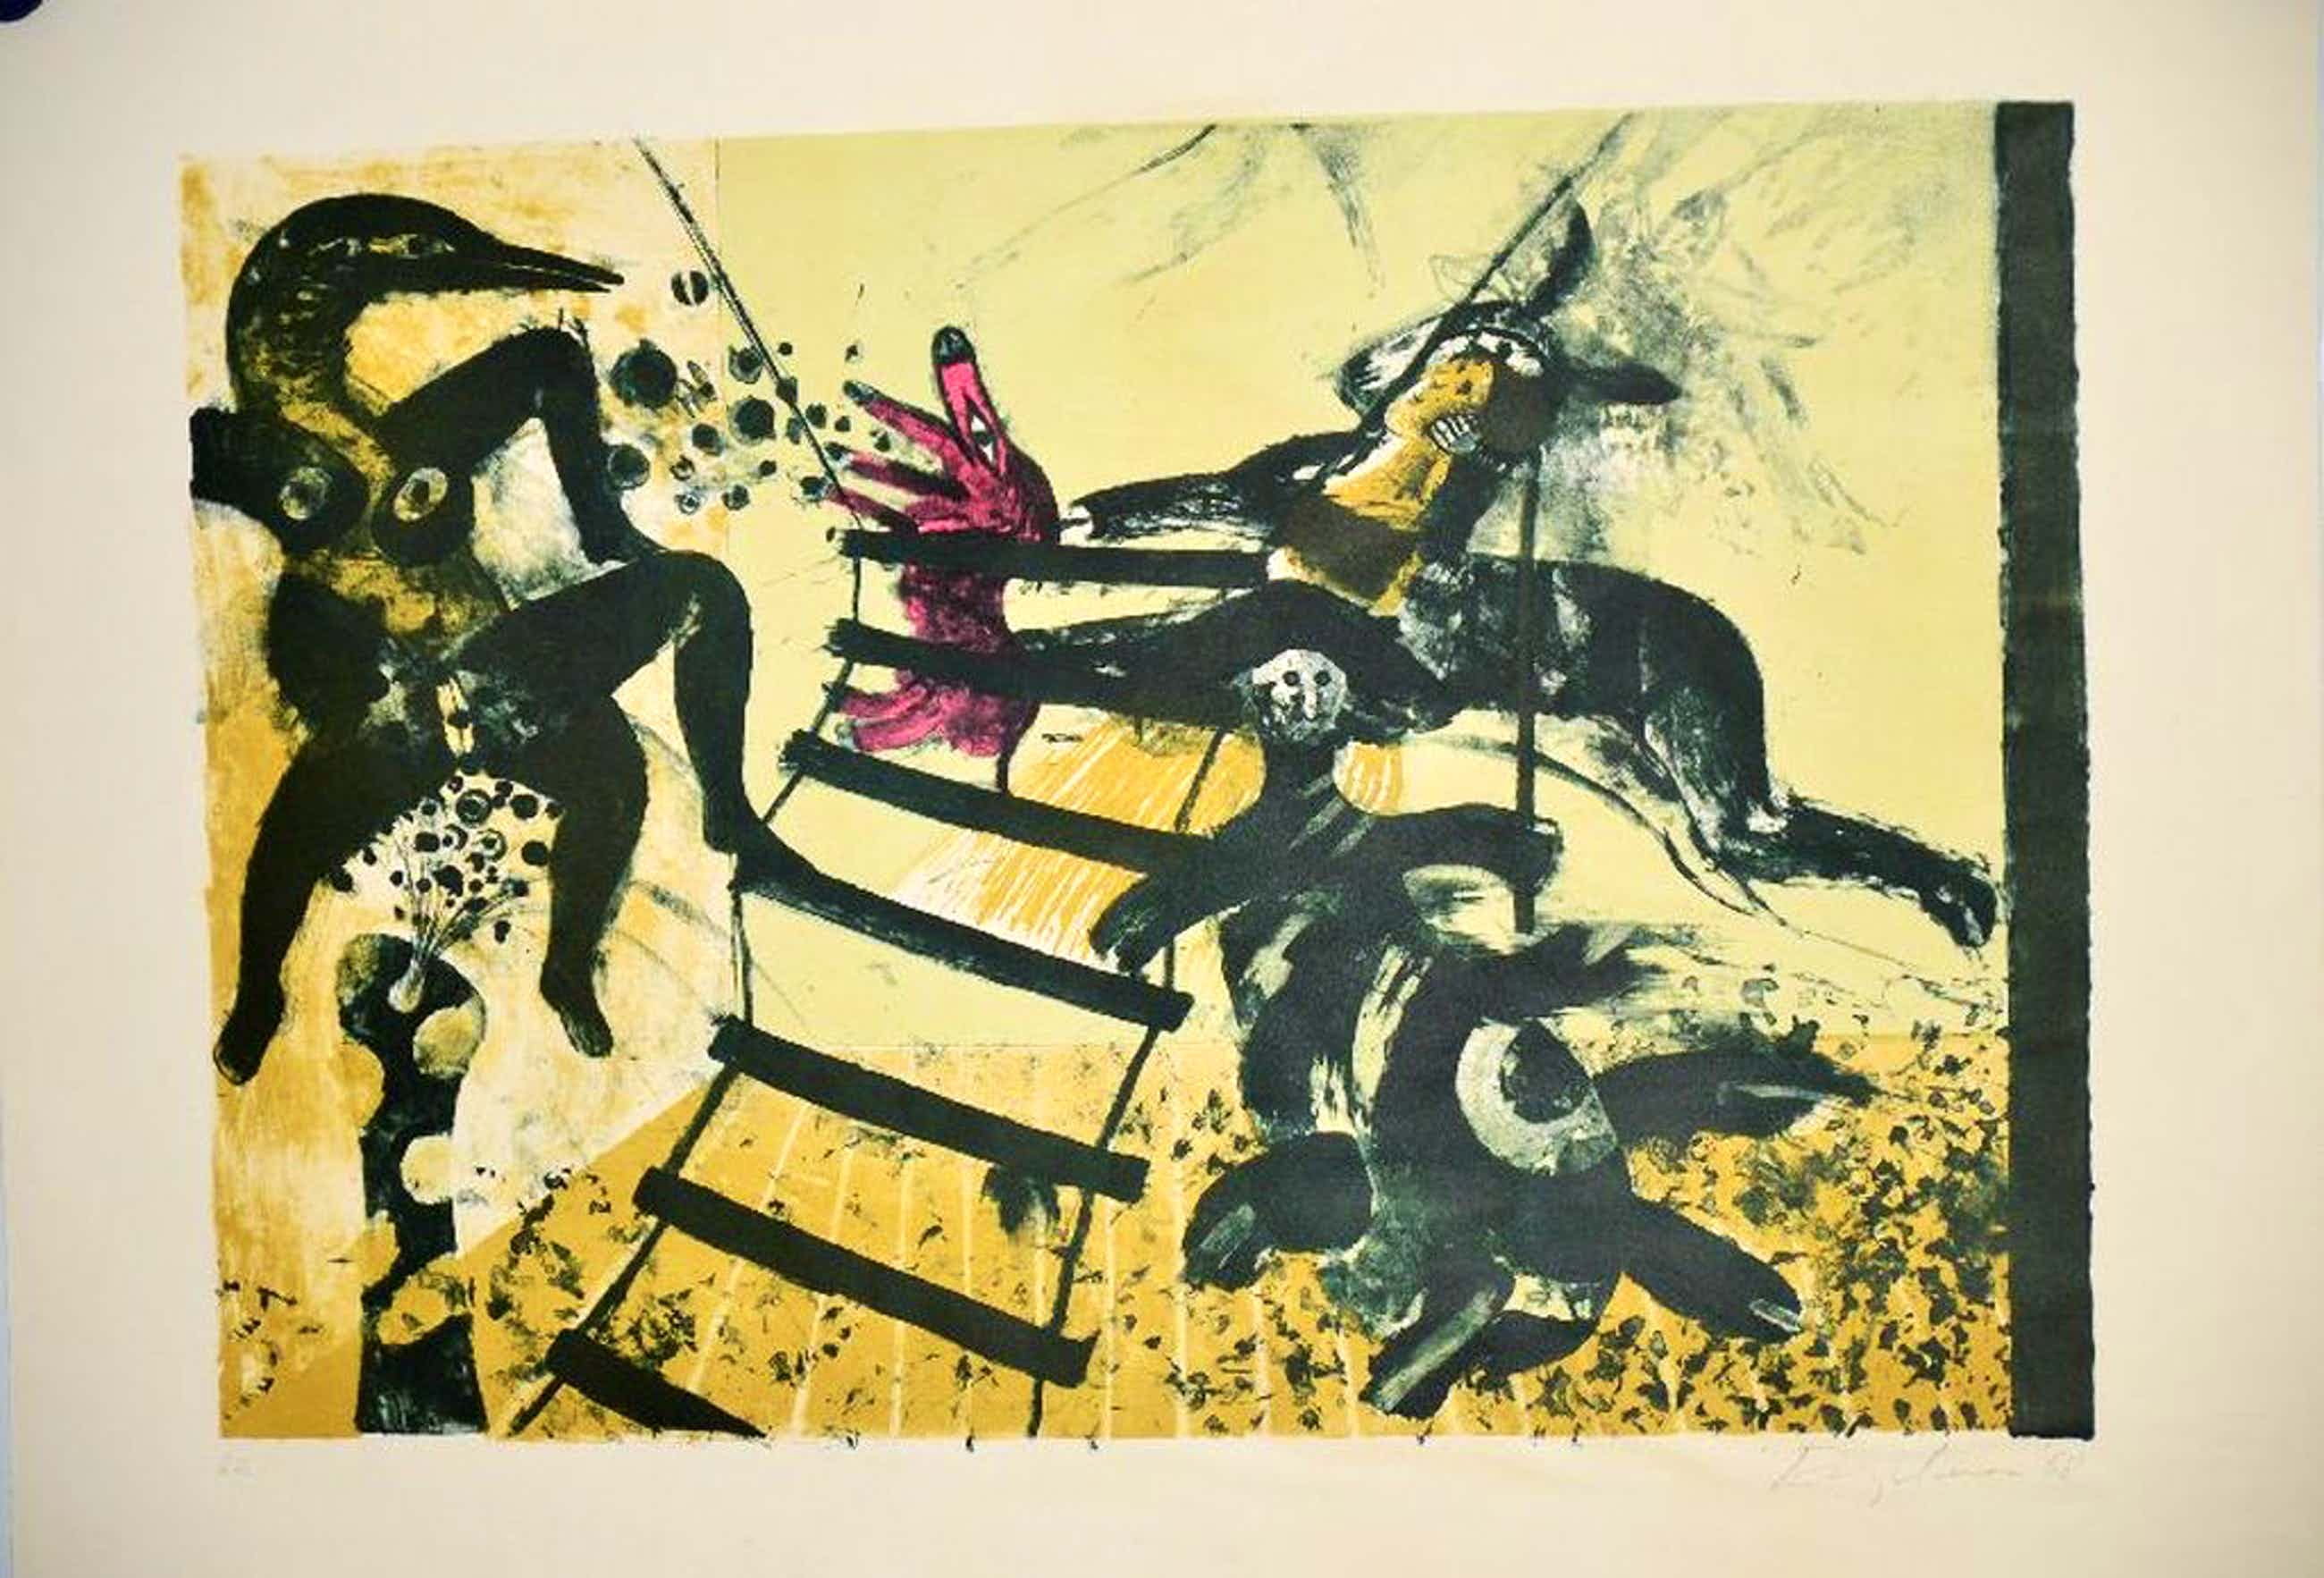 Kleurenlitho Martin Engelman, 1978 kopen? Bied vanaf 60!